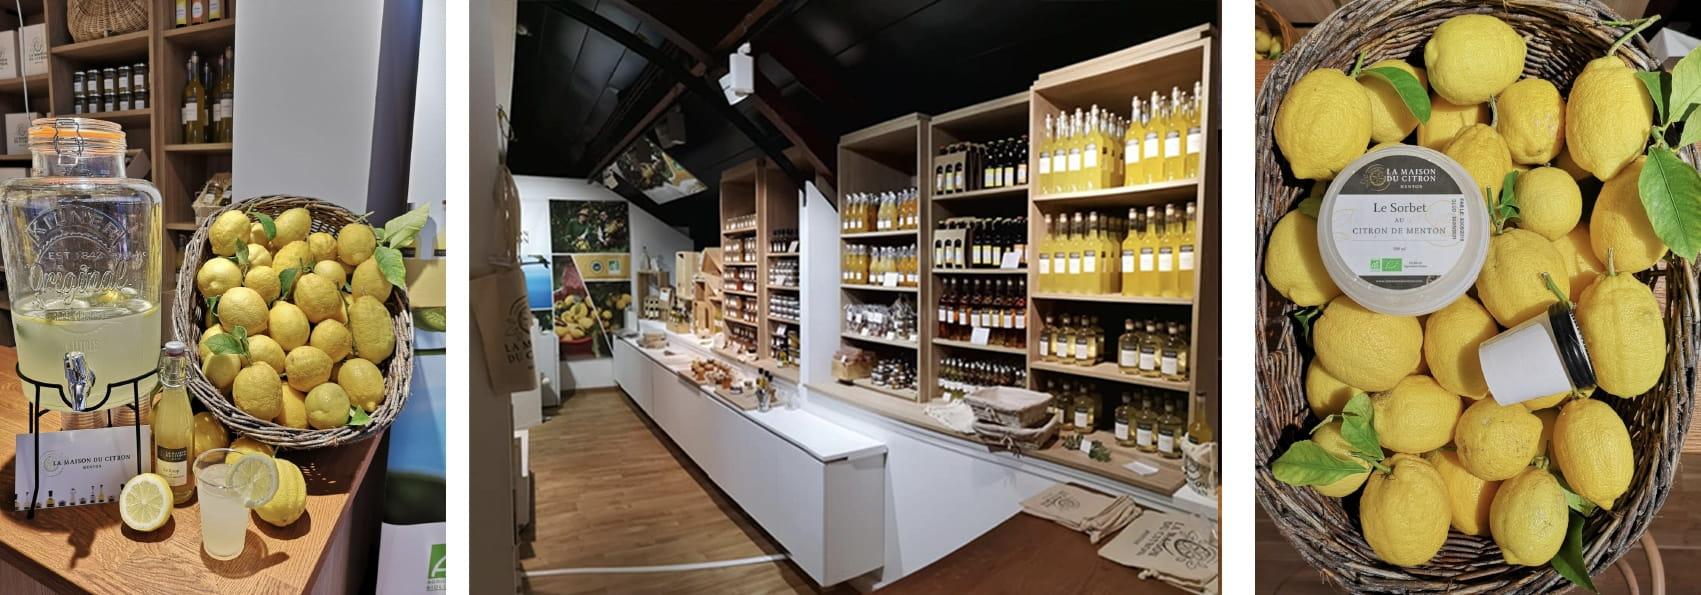 Boutique La Maison du Citron à Nice